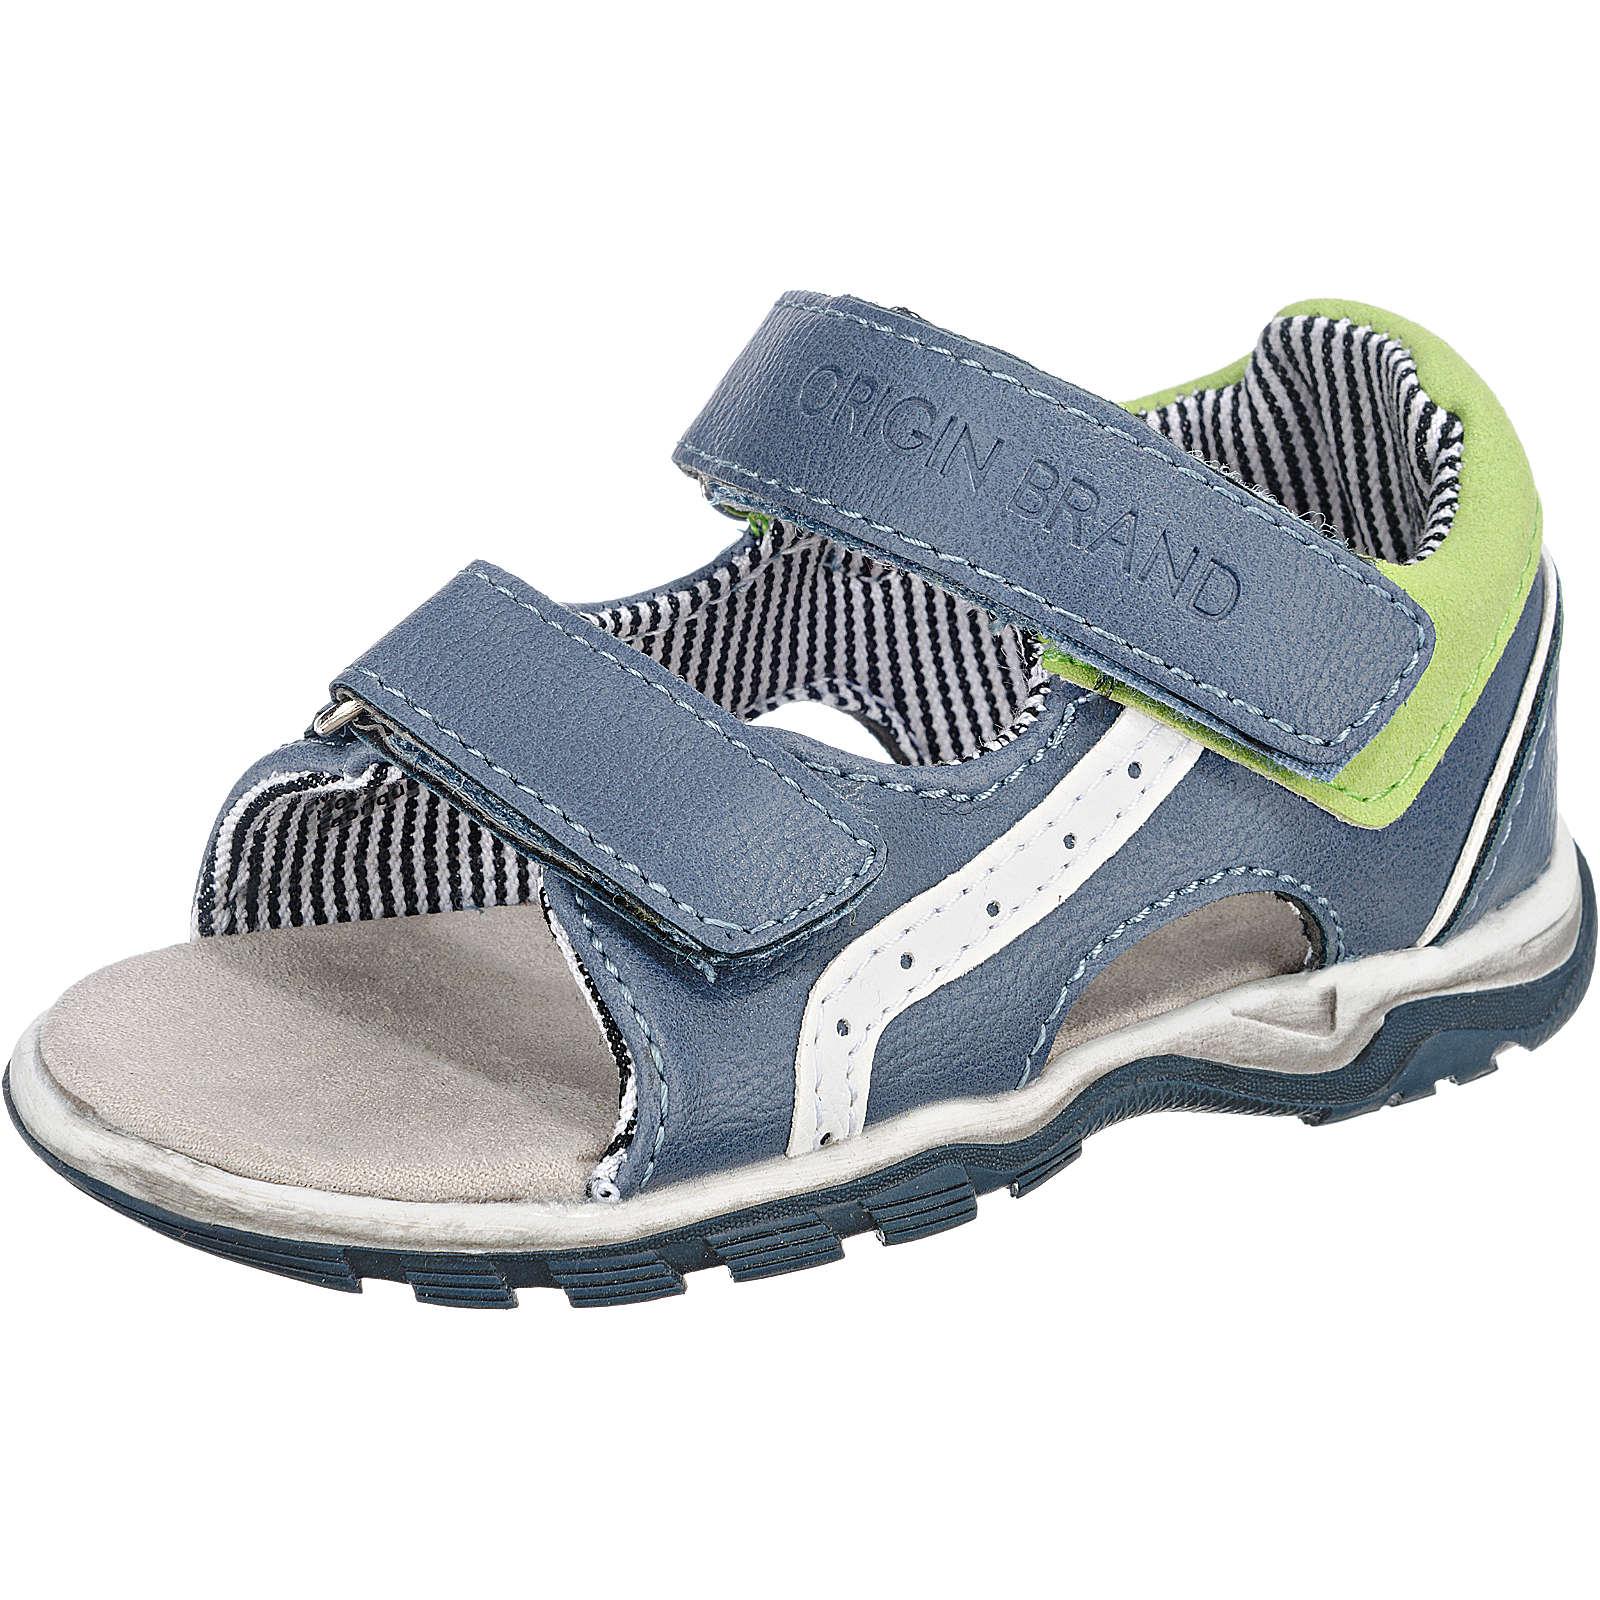 SPROX Sandalen für Jungen blau Junge Gr. 21